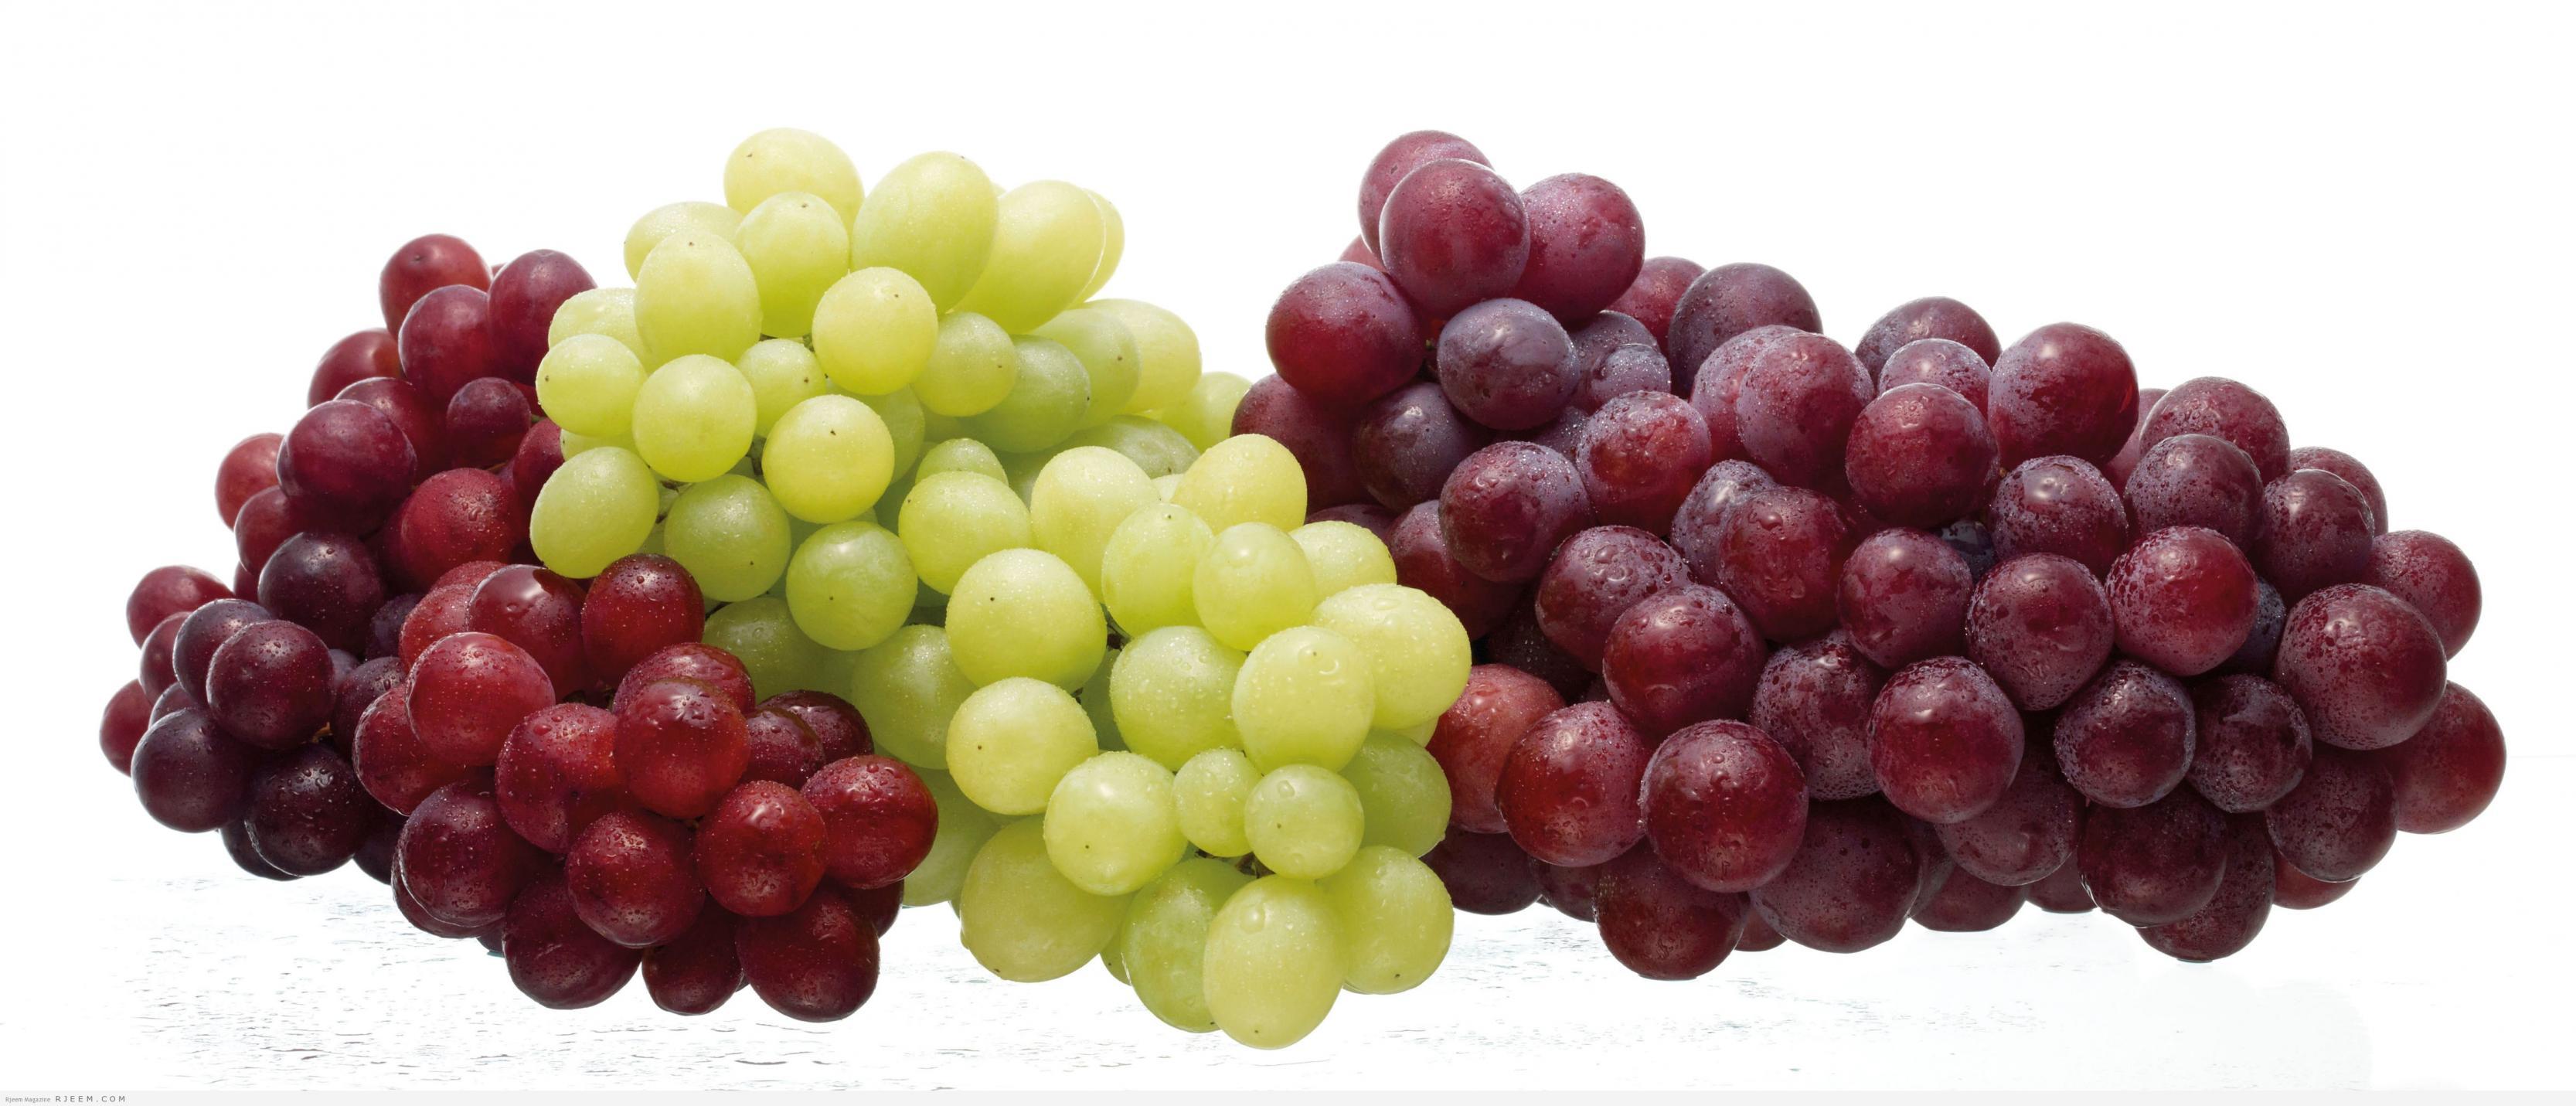 بالصور فوائد العنب , الفوائد العظيمه للعنب 2930